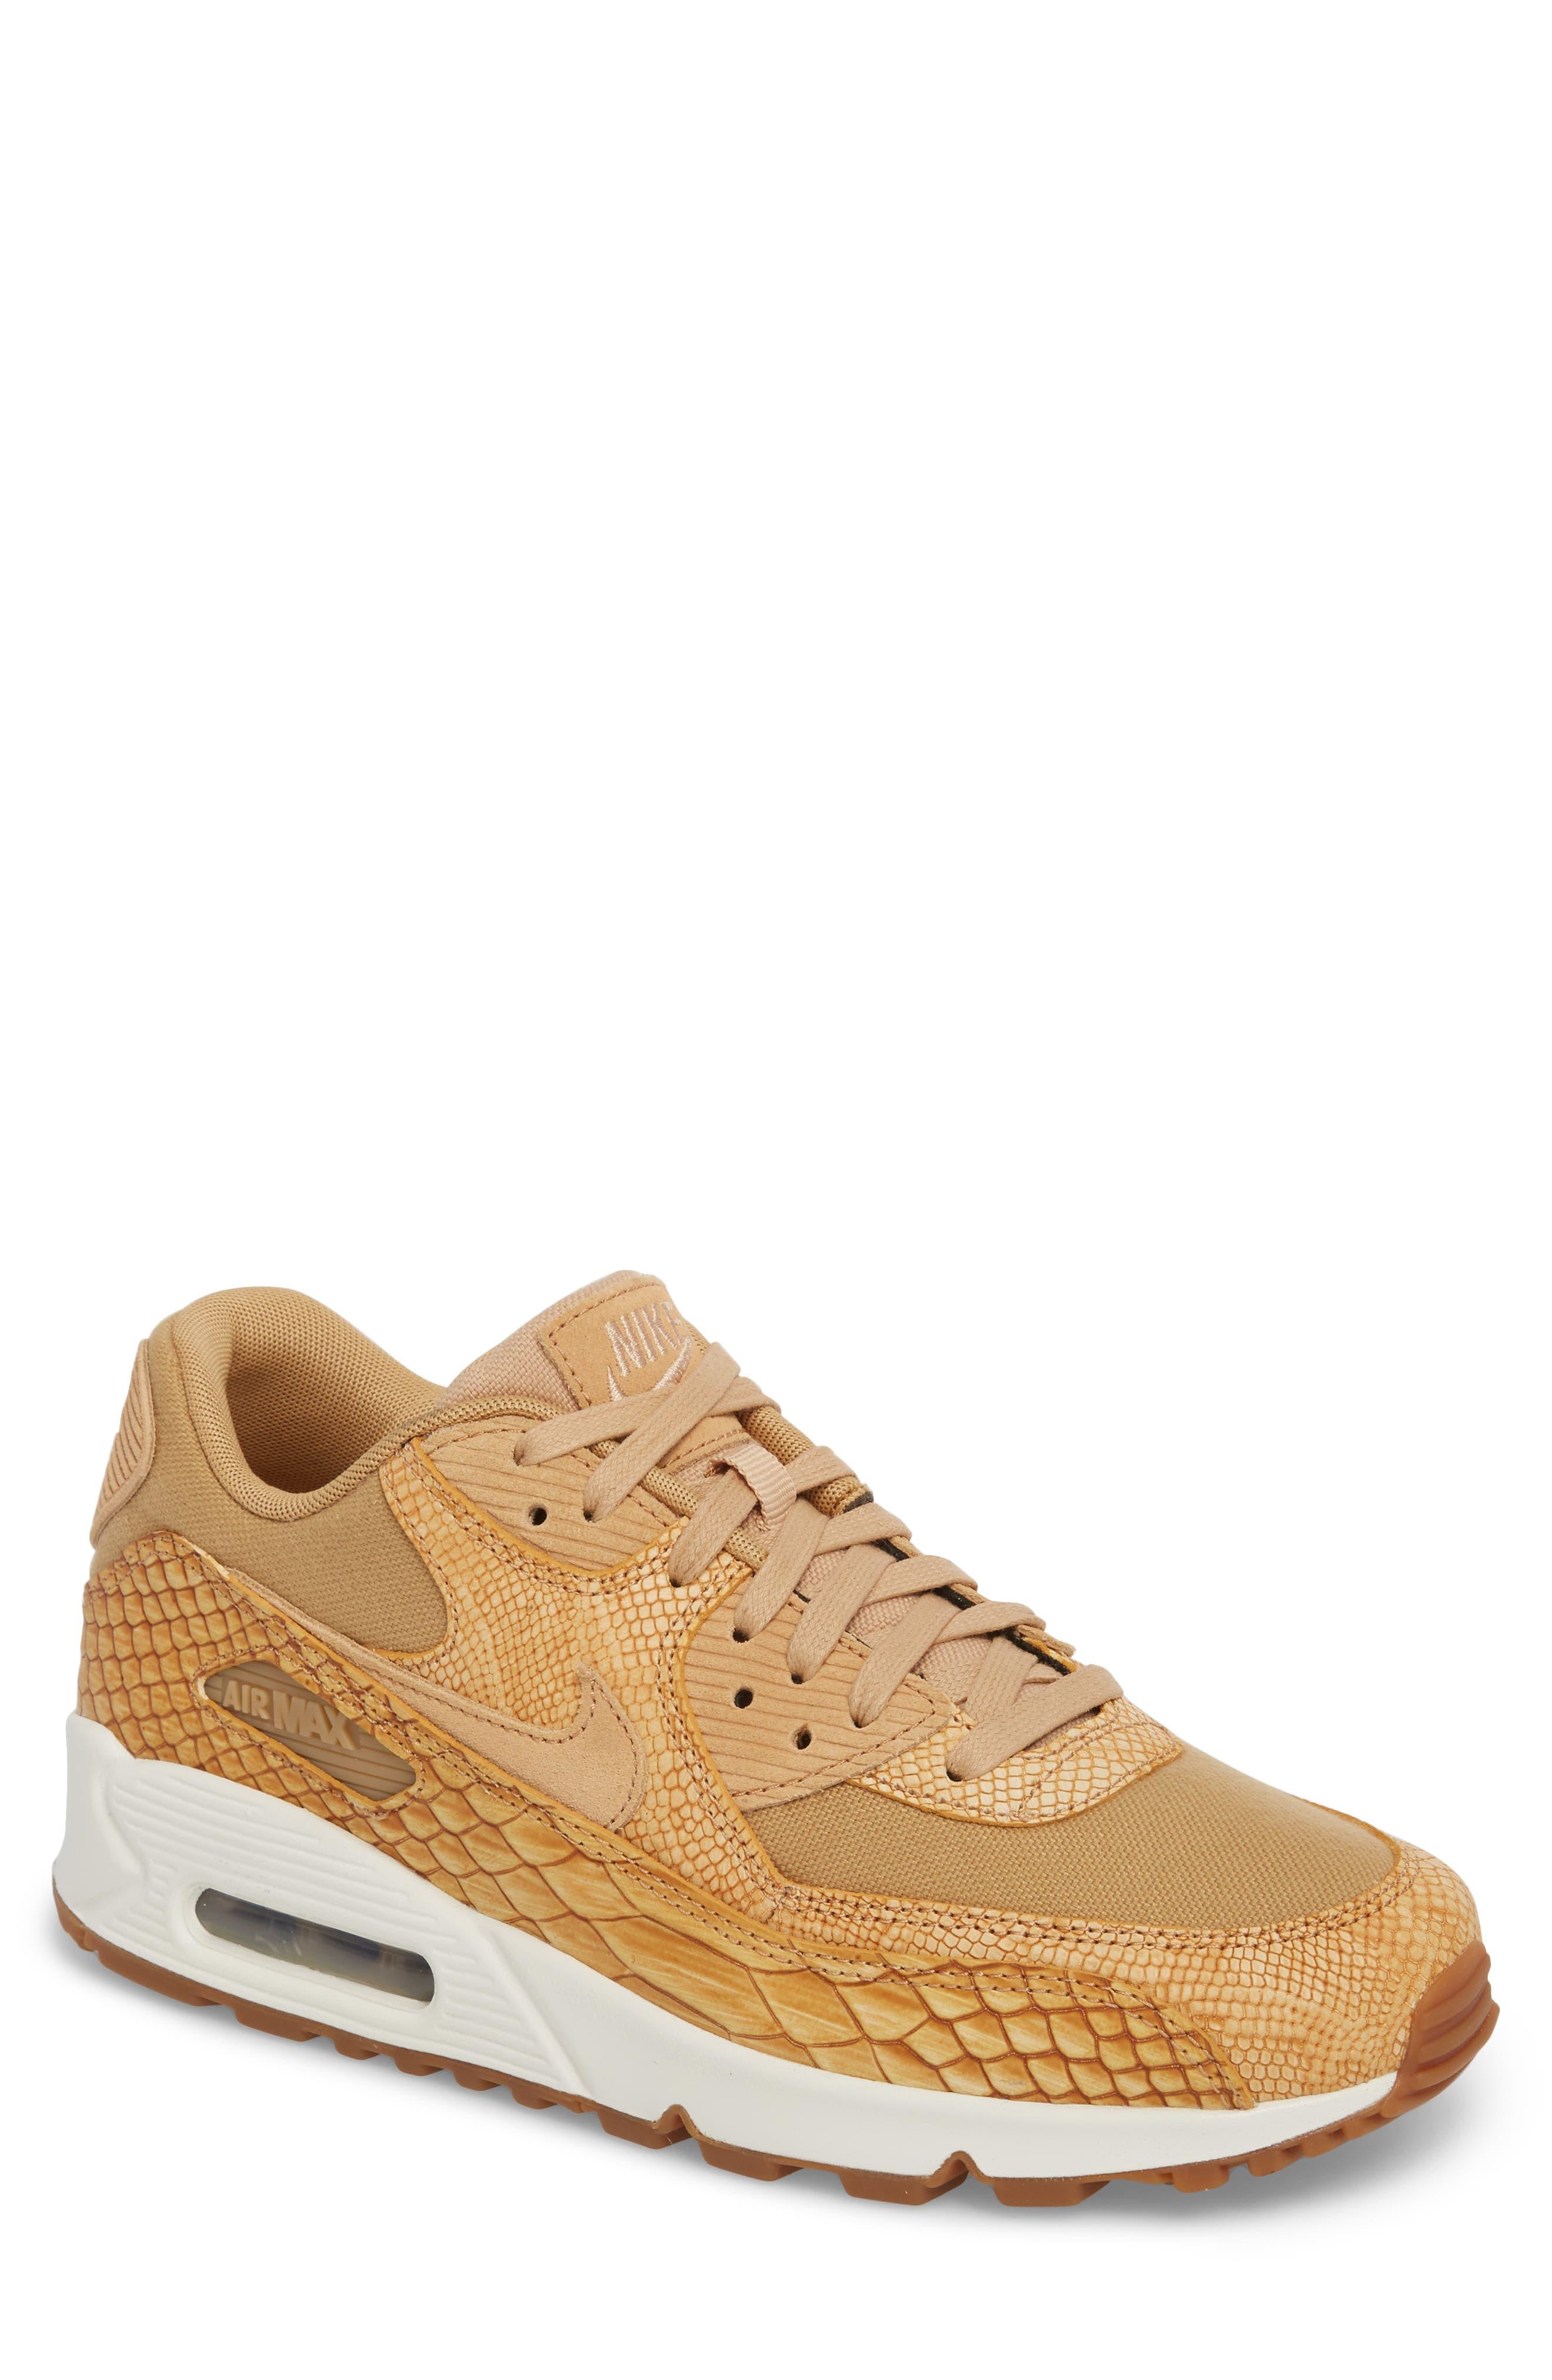 Air Max 90 Premium Sneaker,                             Main thumbnail 1, color,                             Tan/ Tan/ Elemental Gold